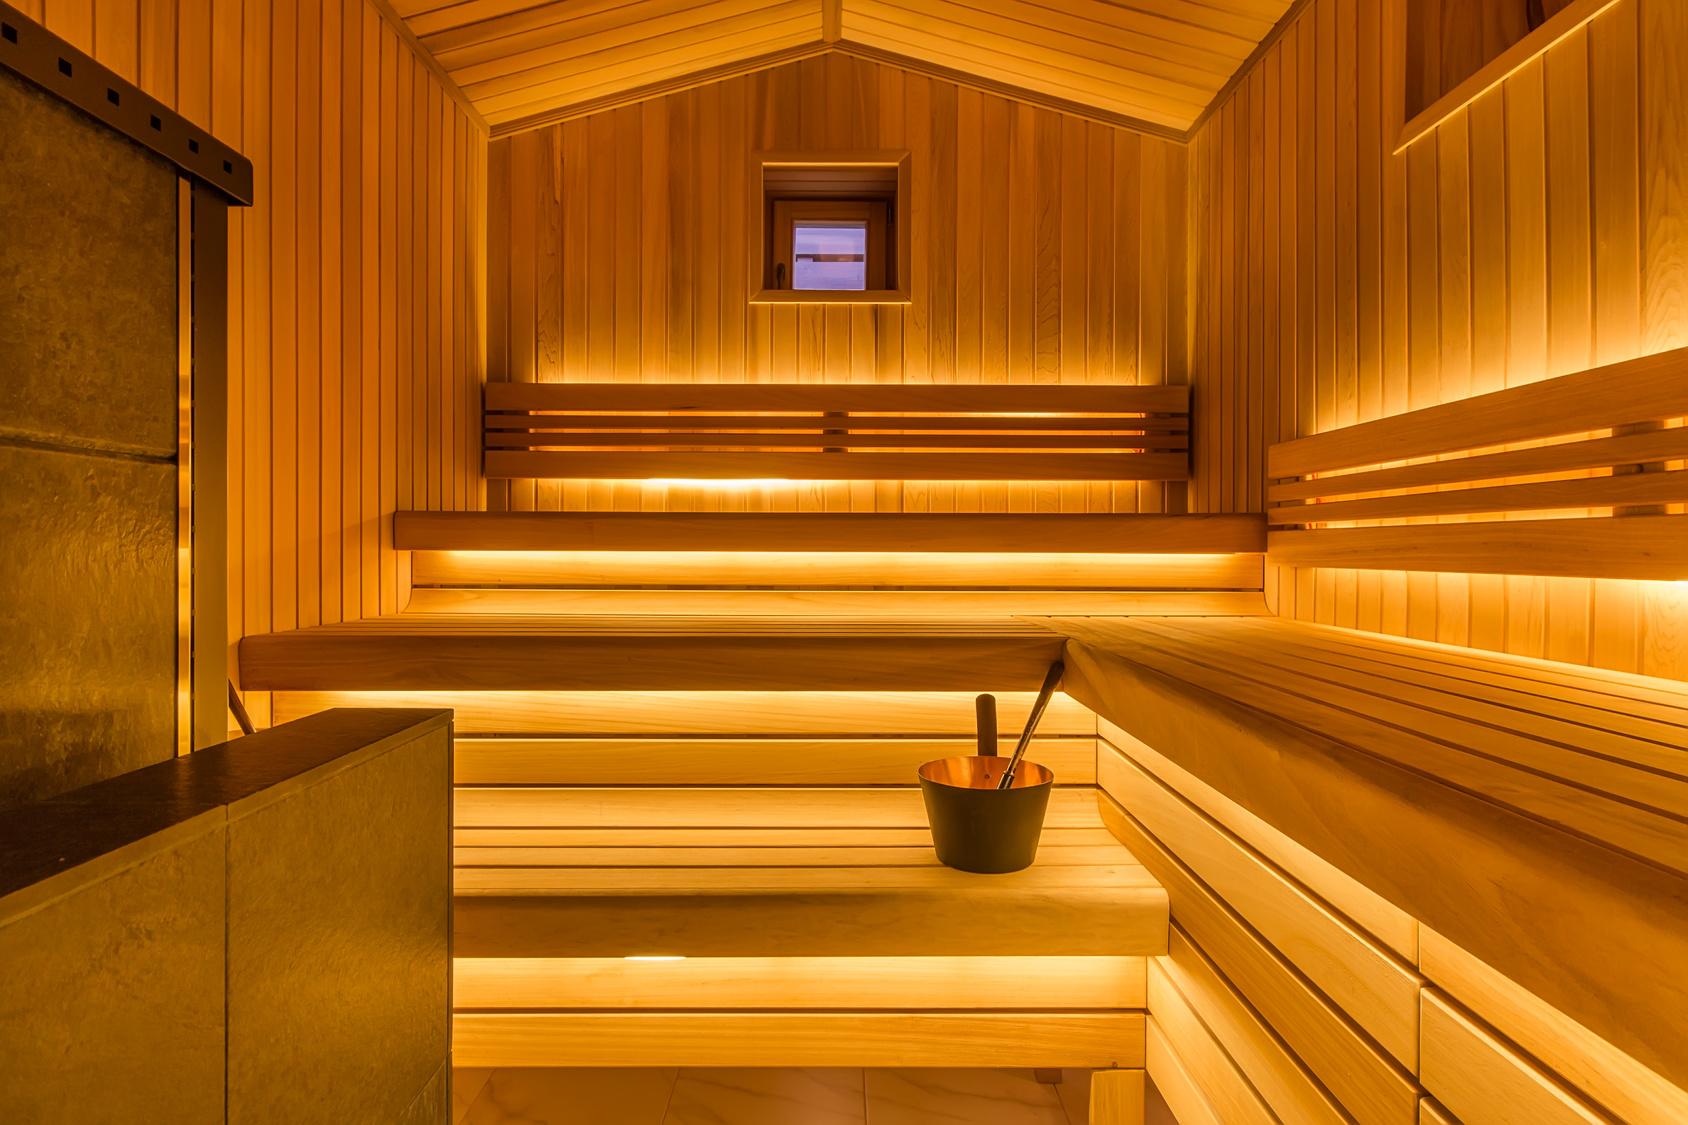 Holzsauna mit drei Sitzebenen, indirekter Beleuchtung und einem Holzgefäß für einen Aufguss.